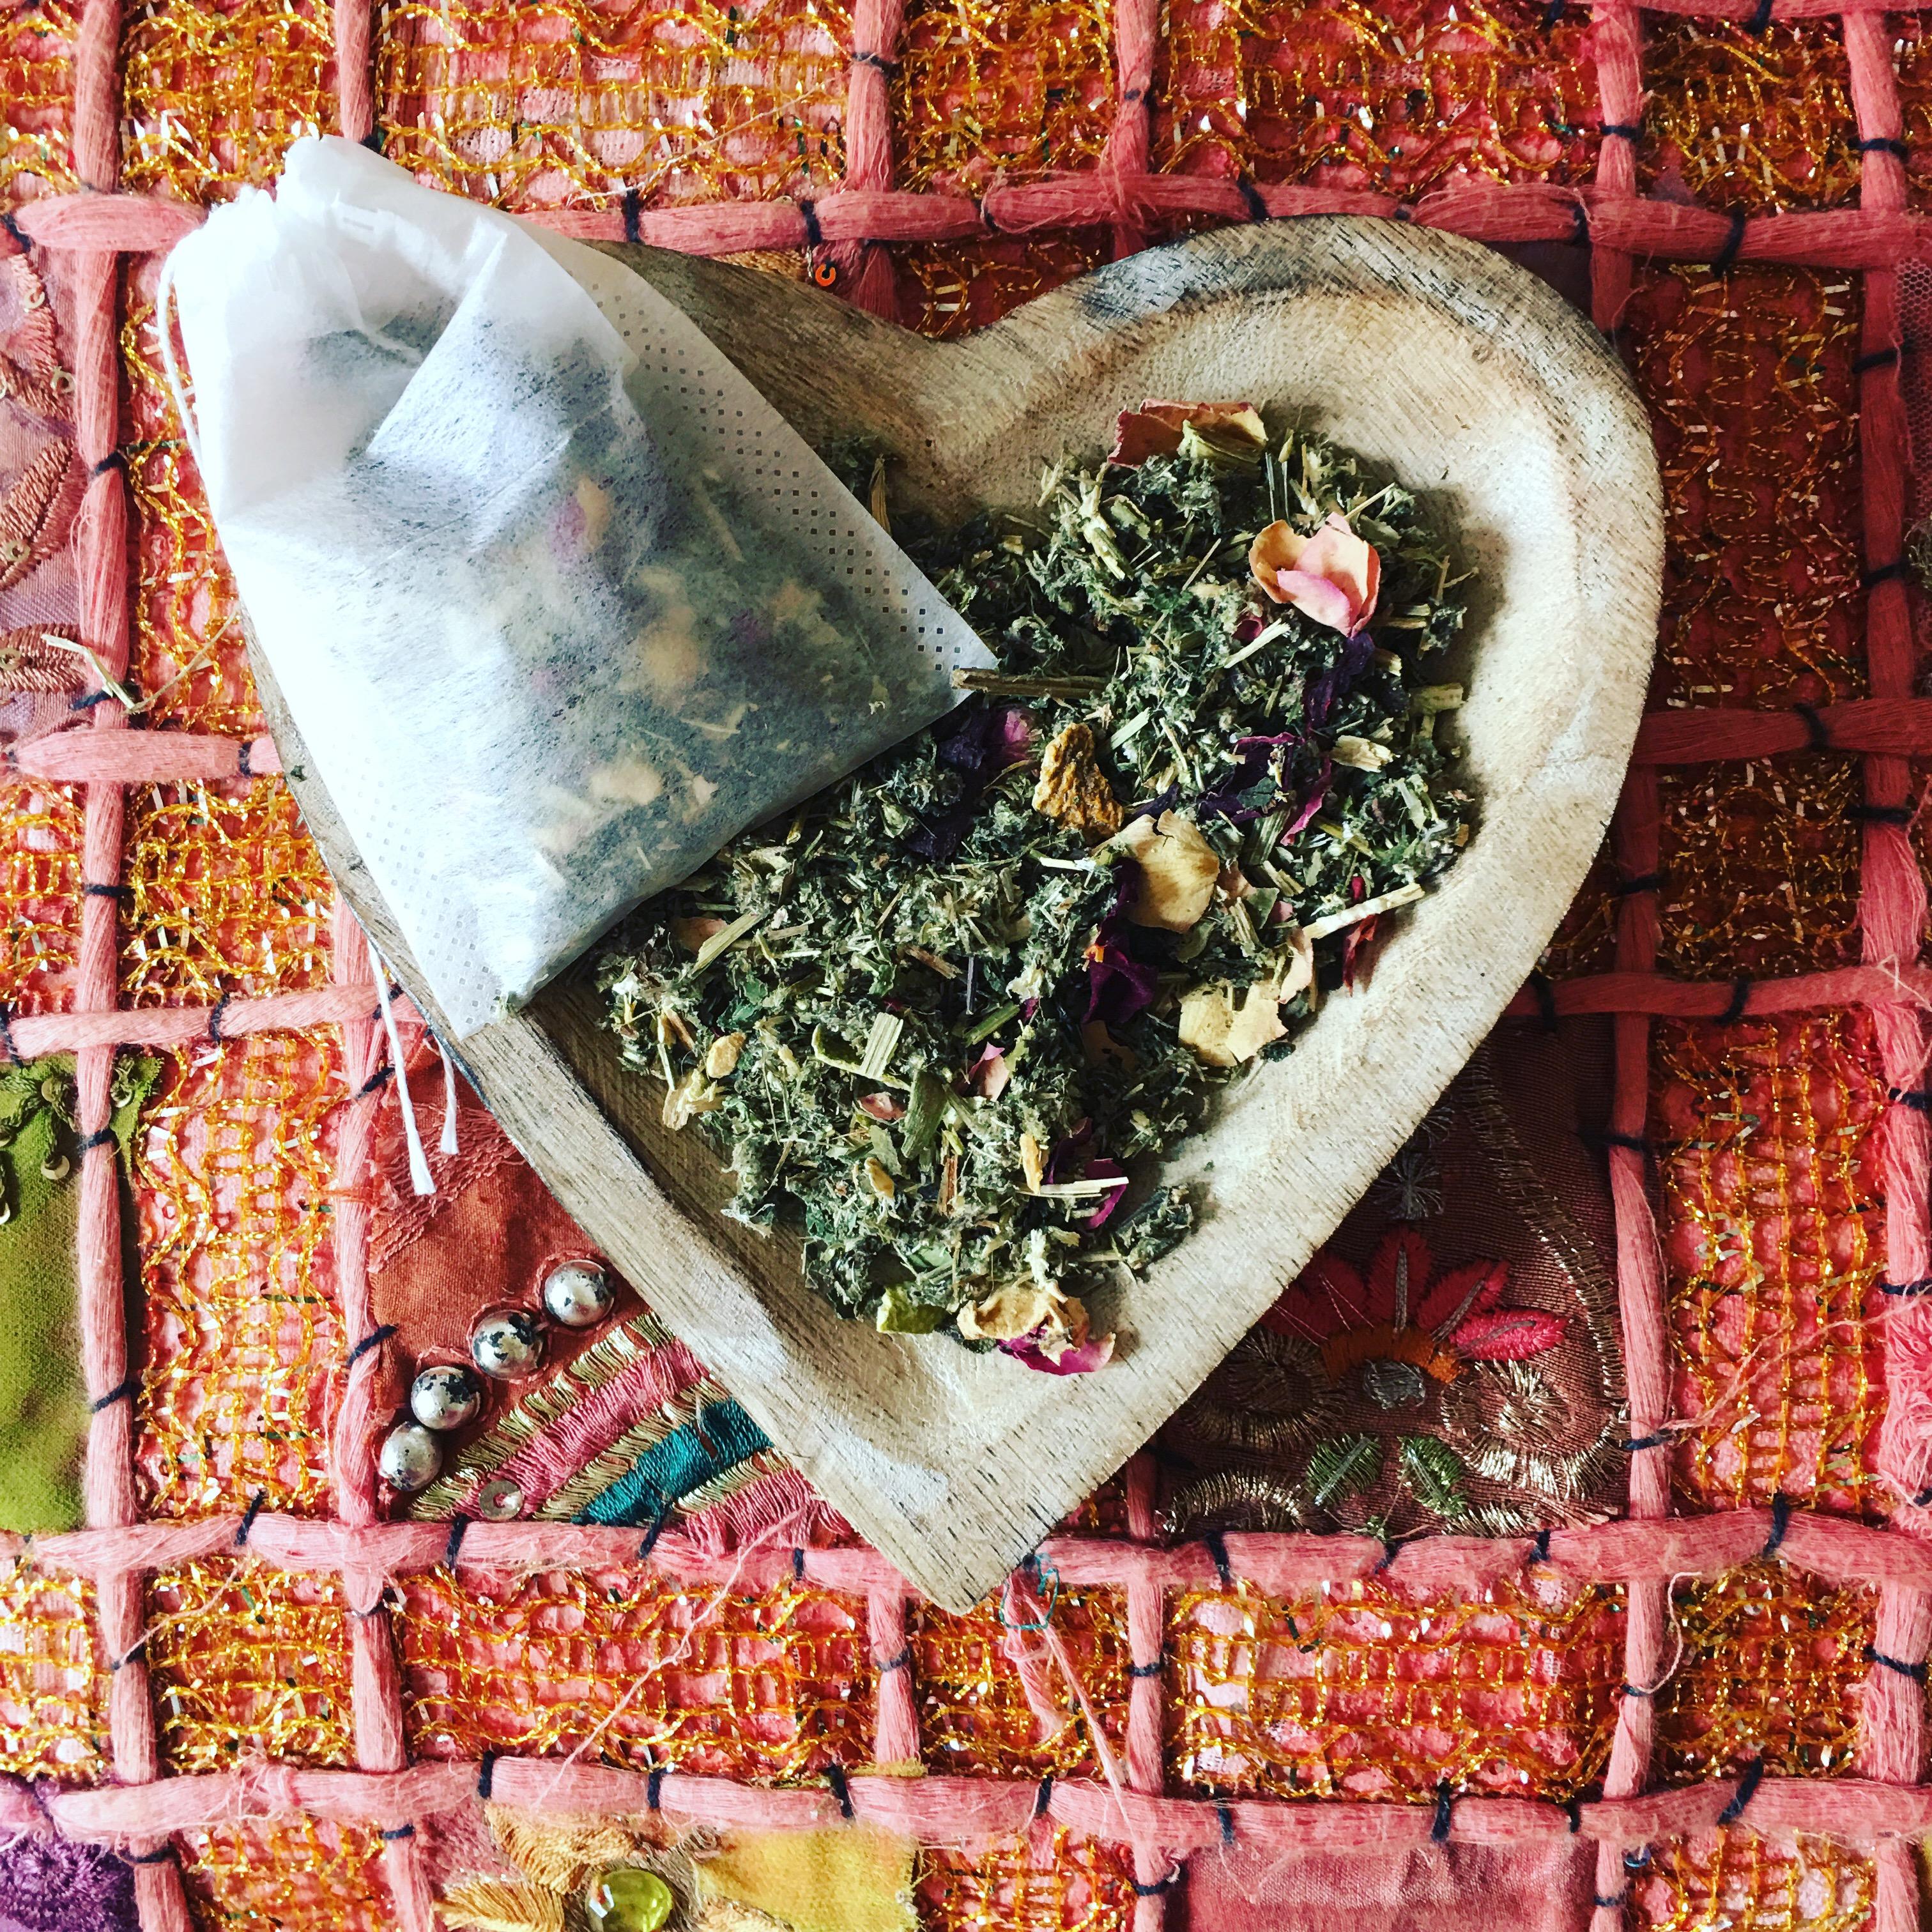 Herbs Vsteaming